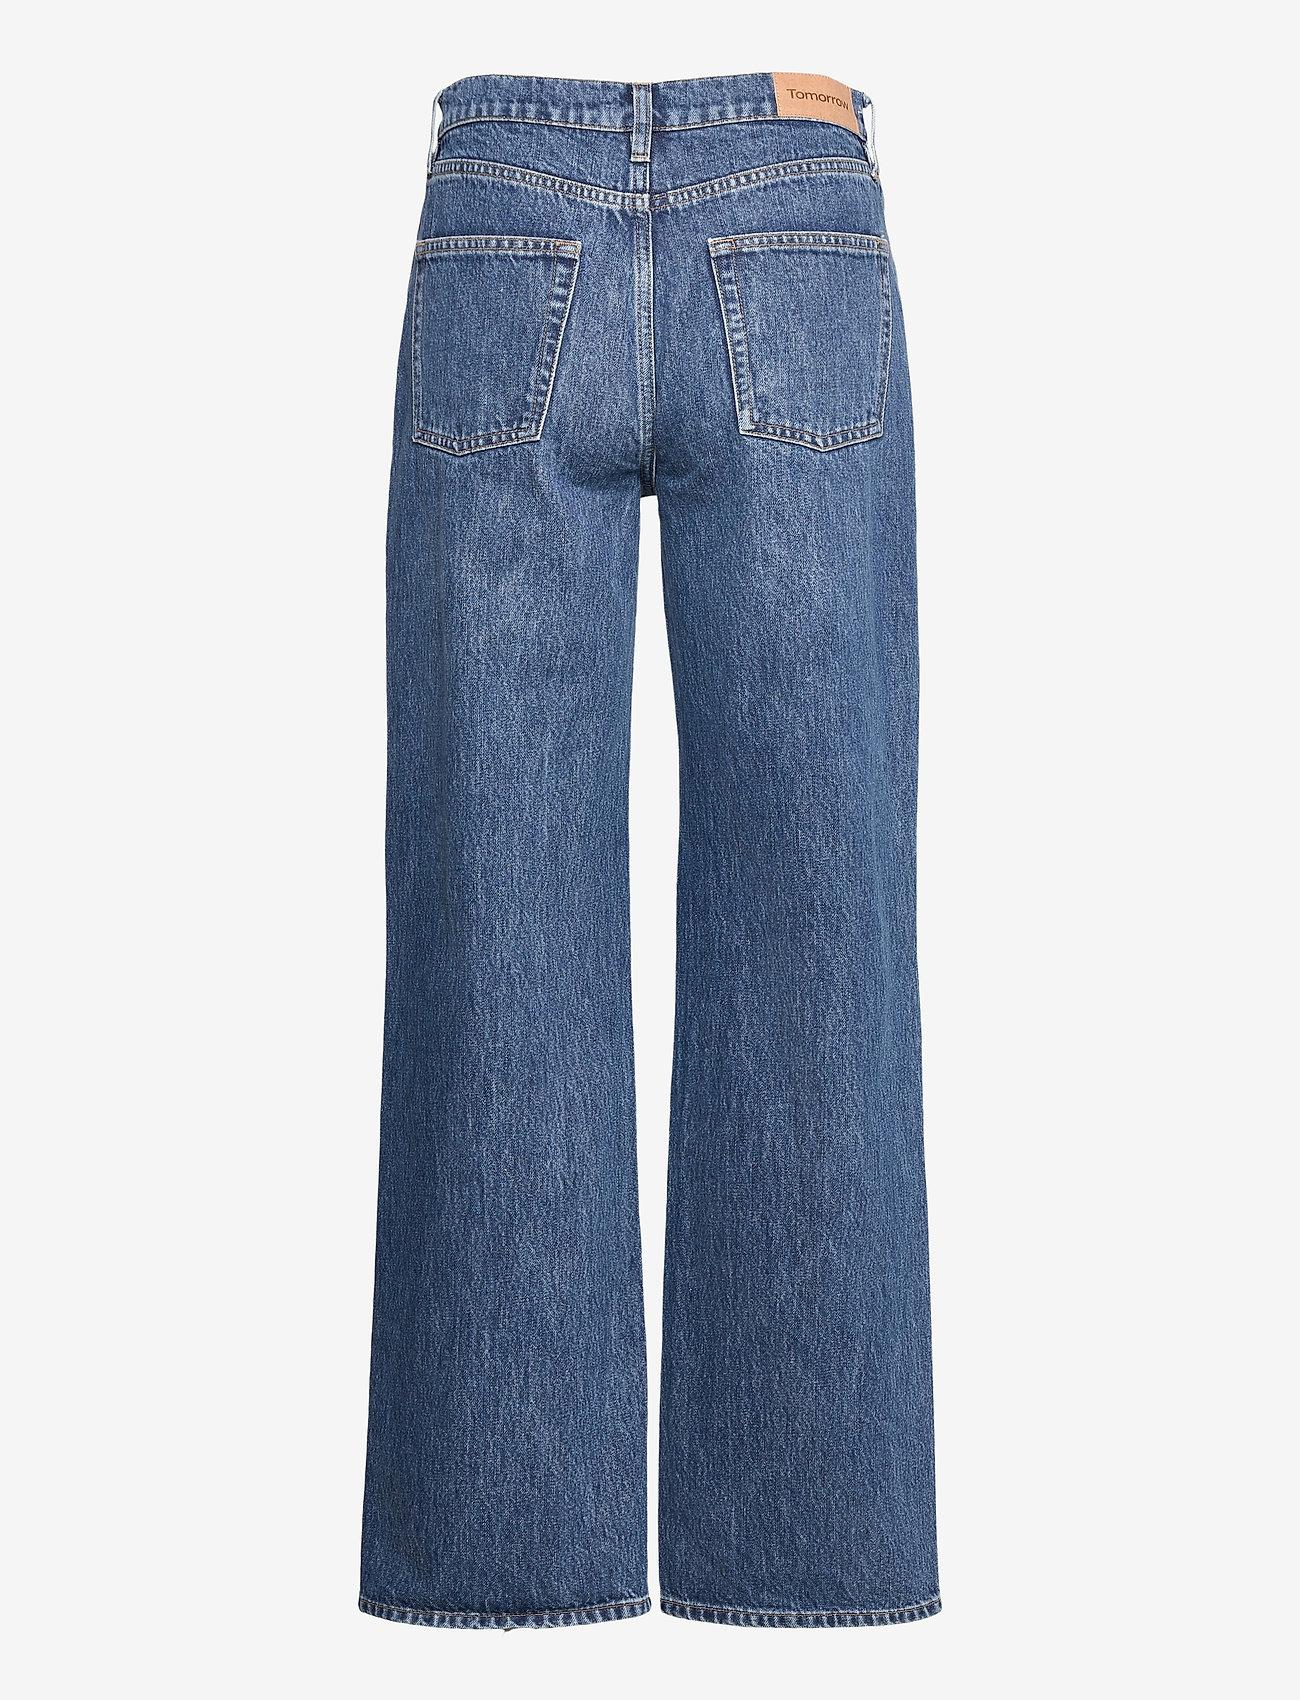 Tomorrow - Brown Straight Jeans Bright Orlando - hosen mit weitem bein - denim blue - 1